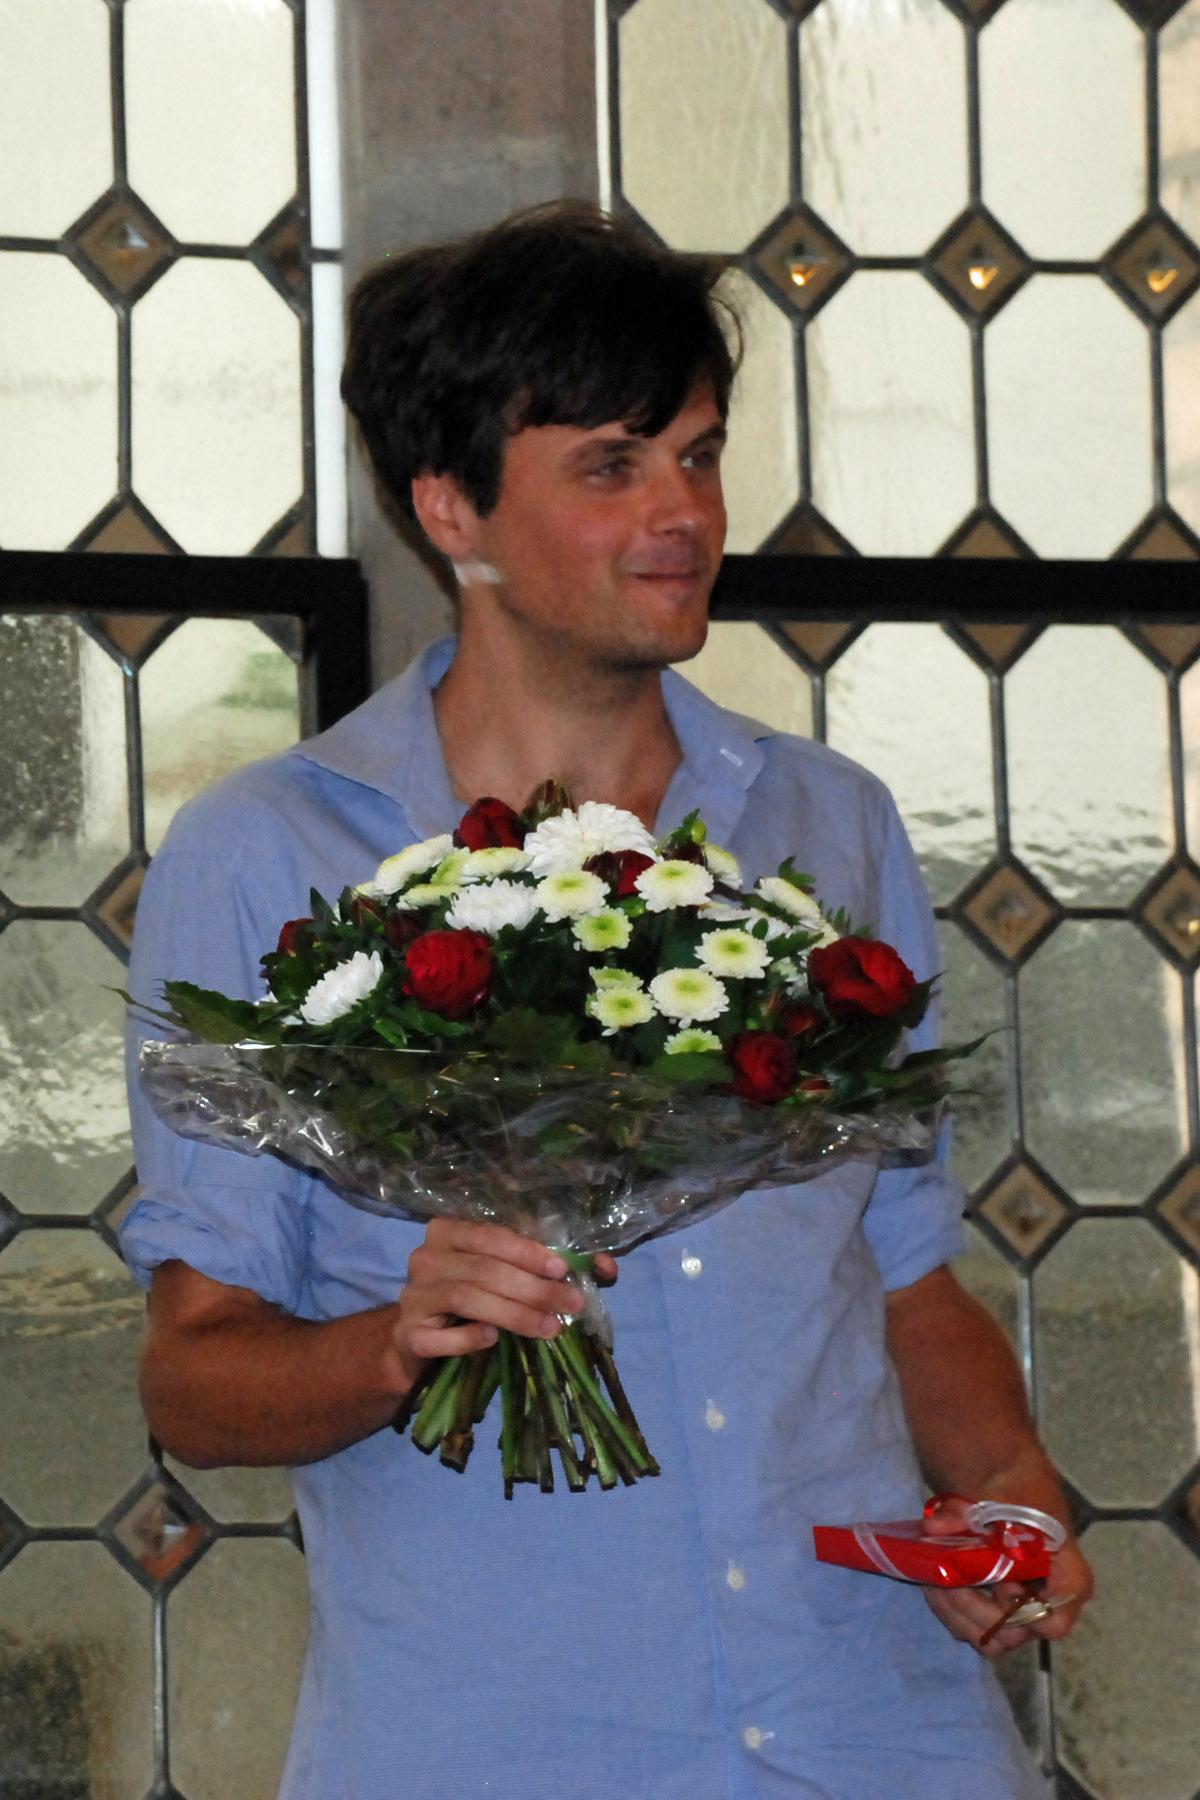 Sebastians Polmans freut sich über Blumen.